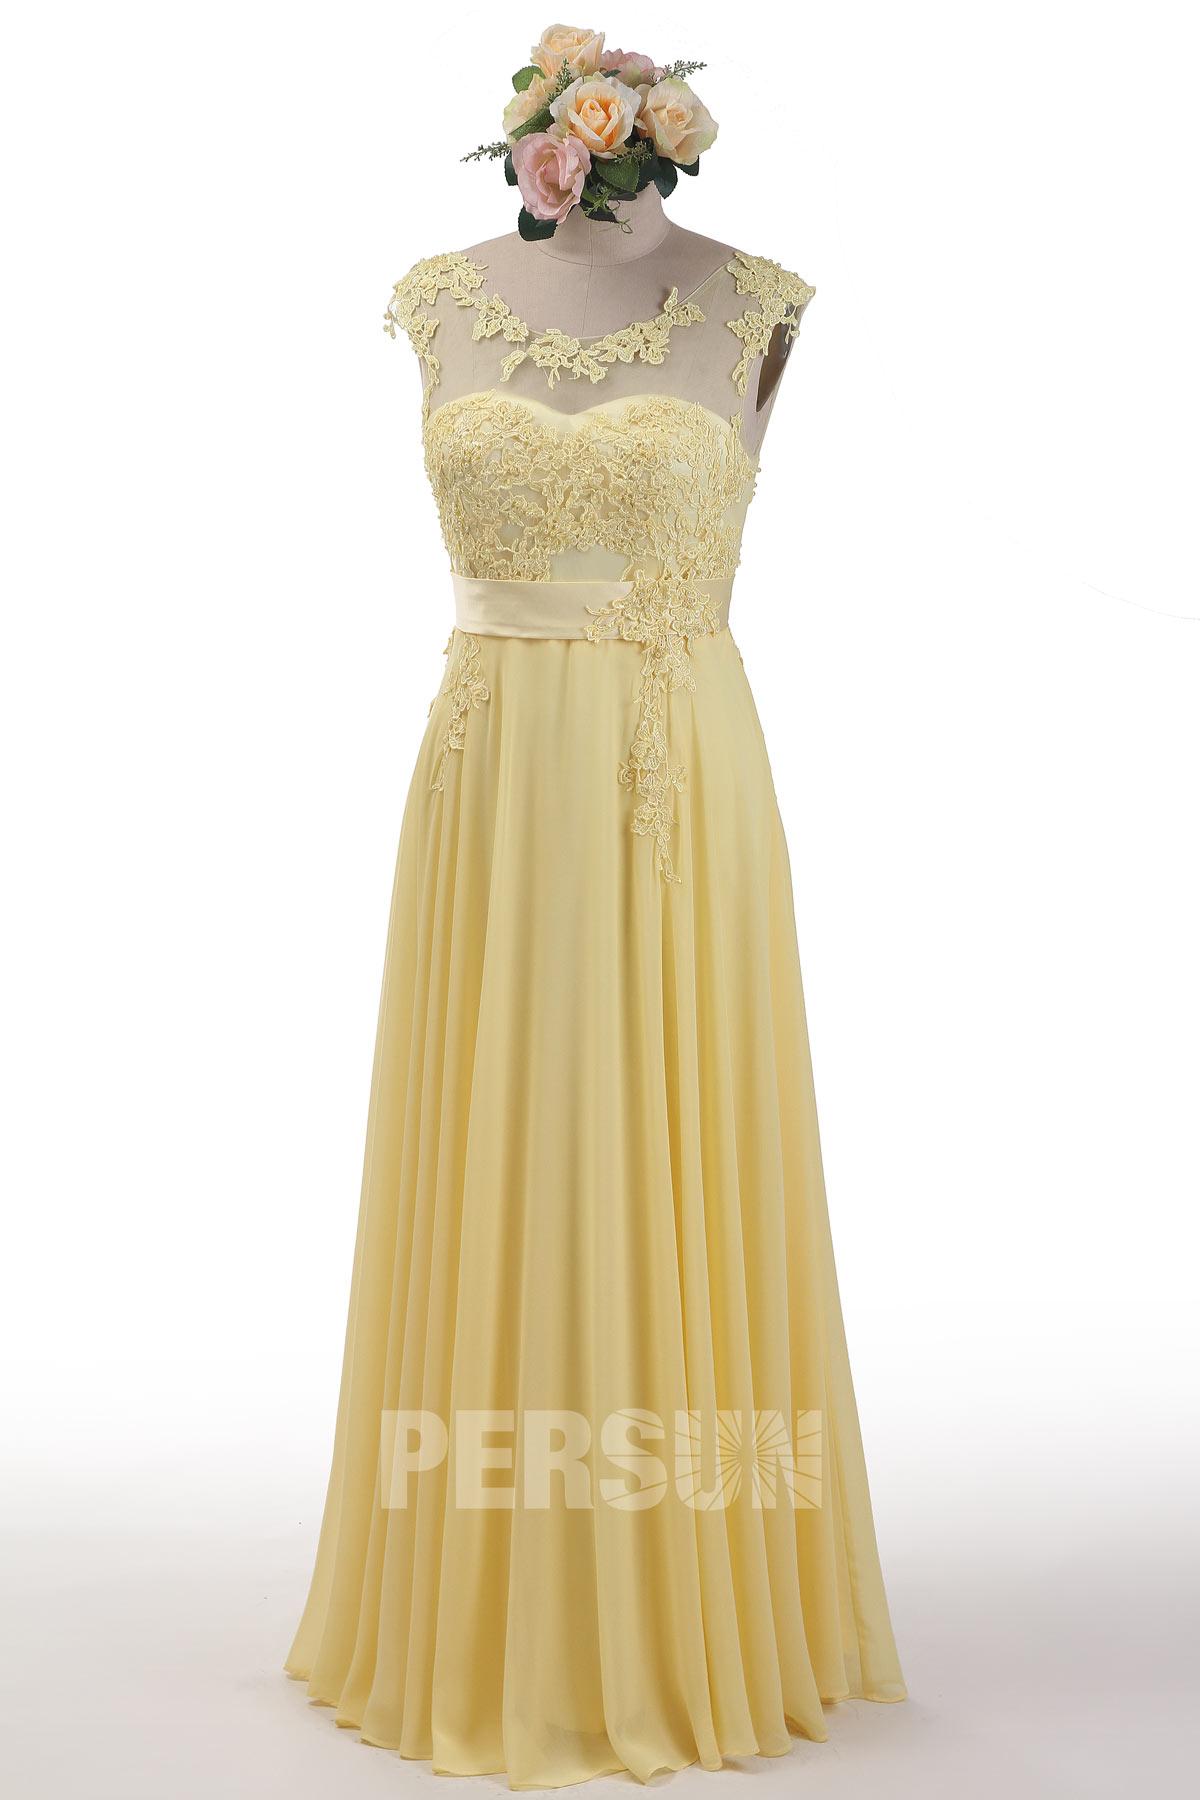 robe de mariée jaune col illusion en dentelle appliquée